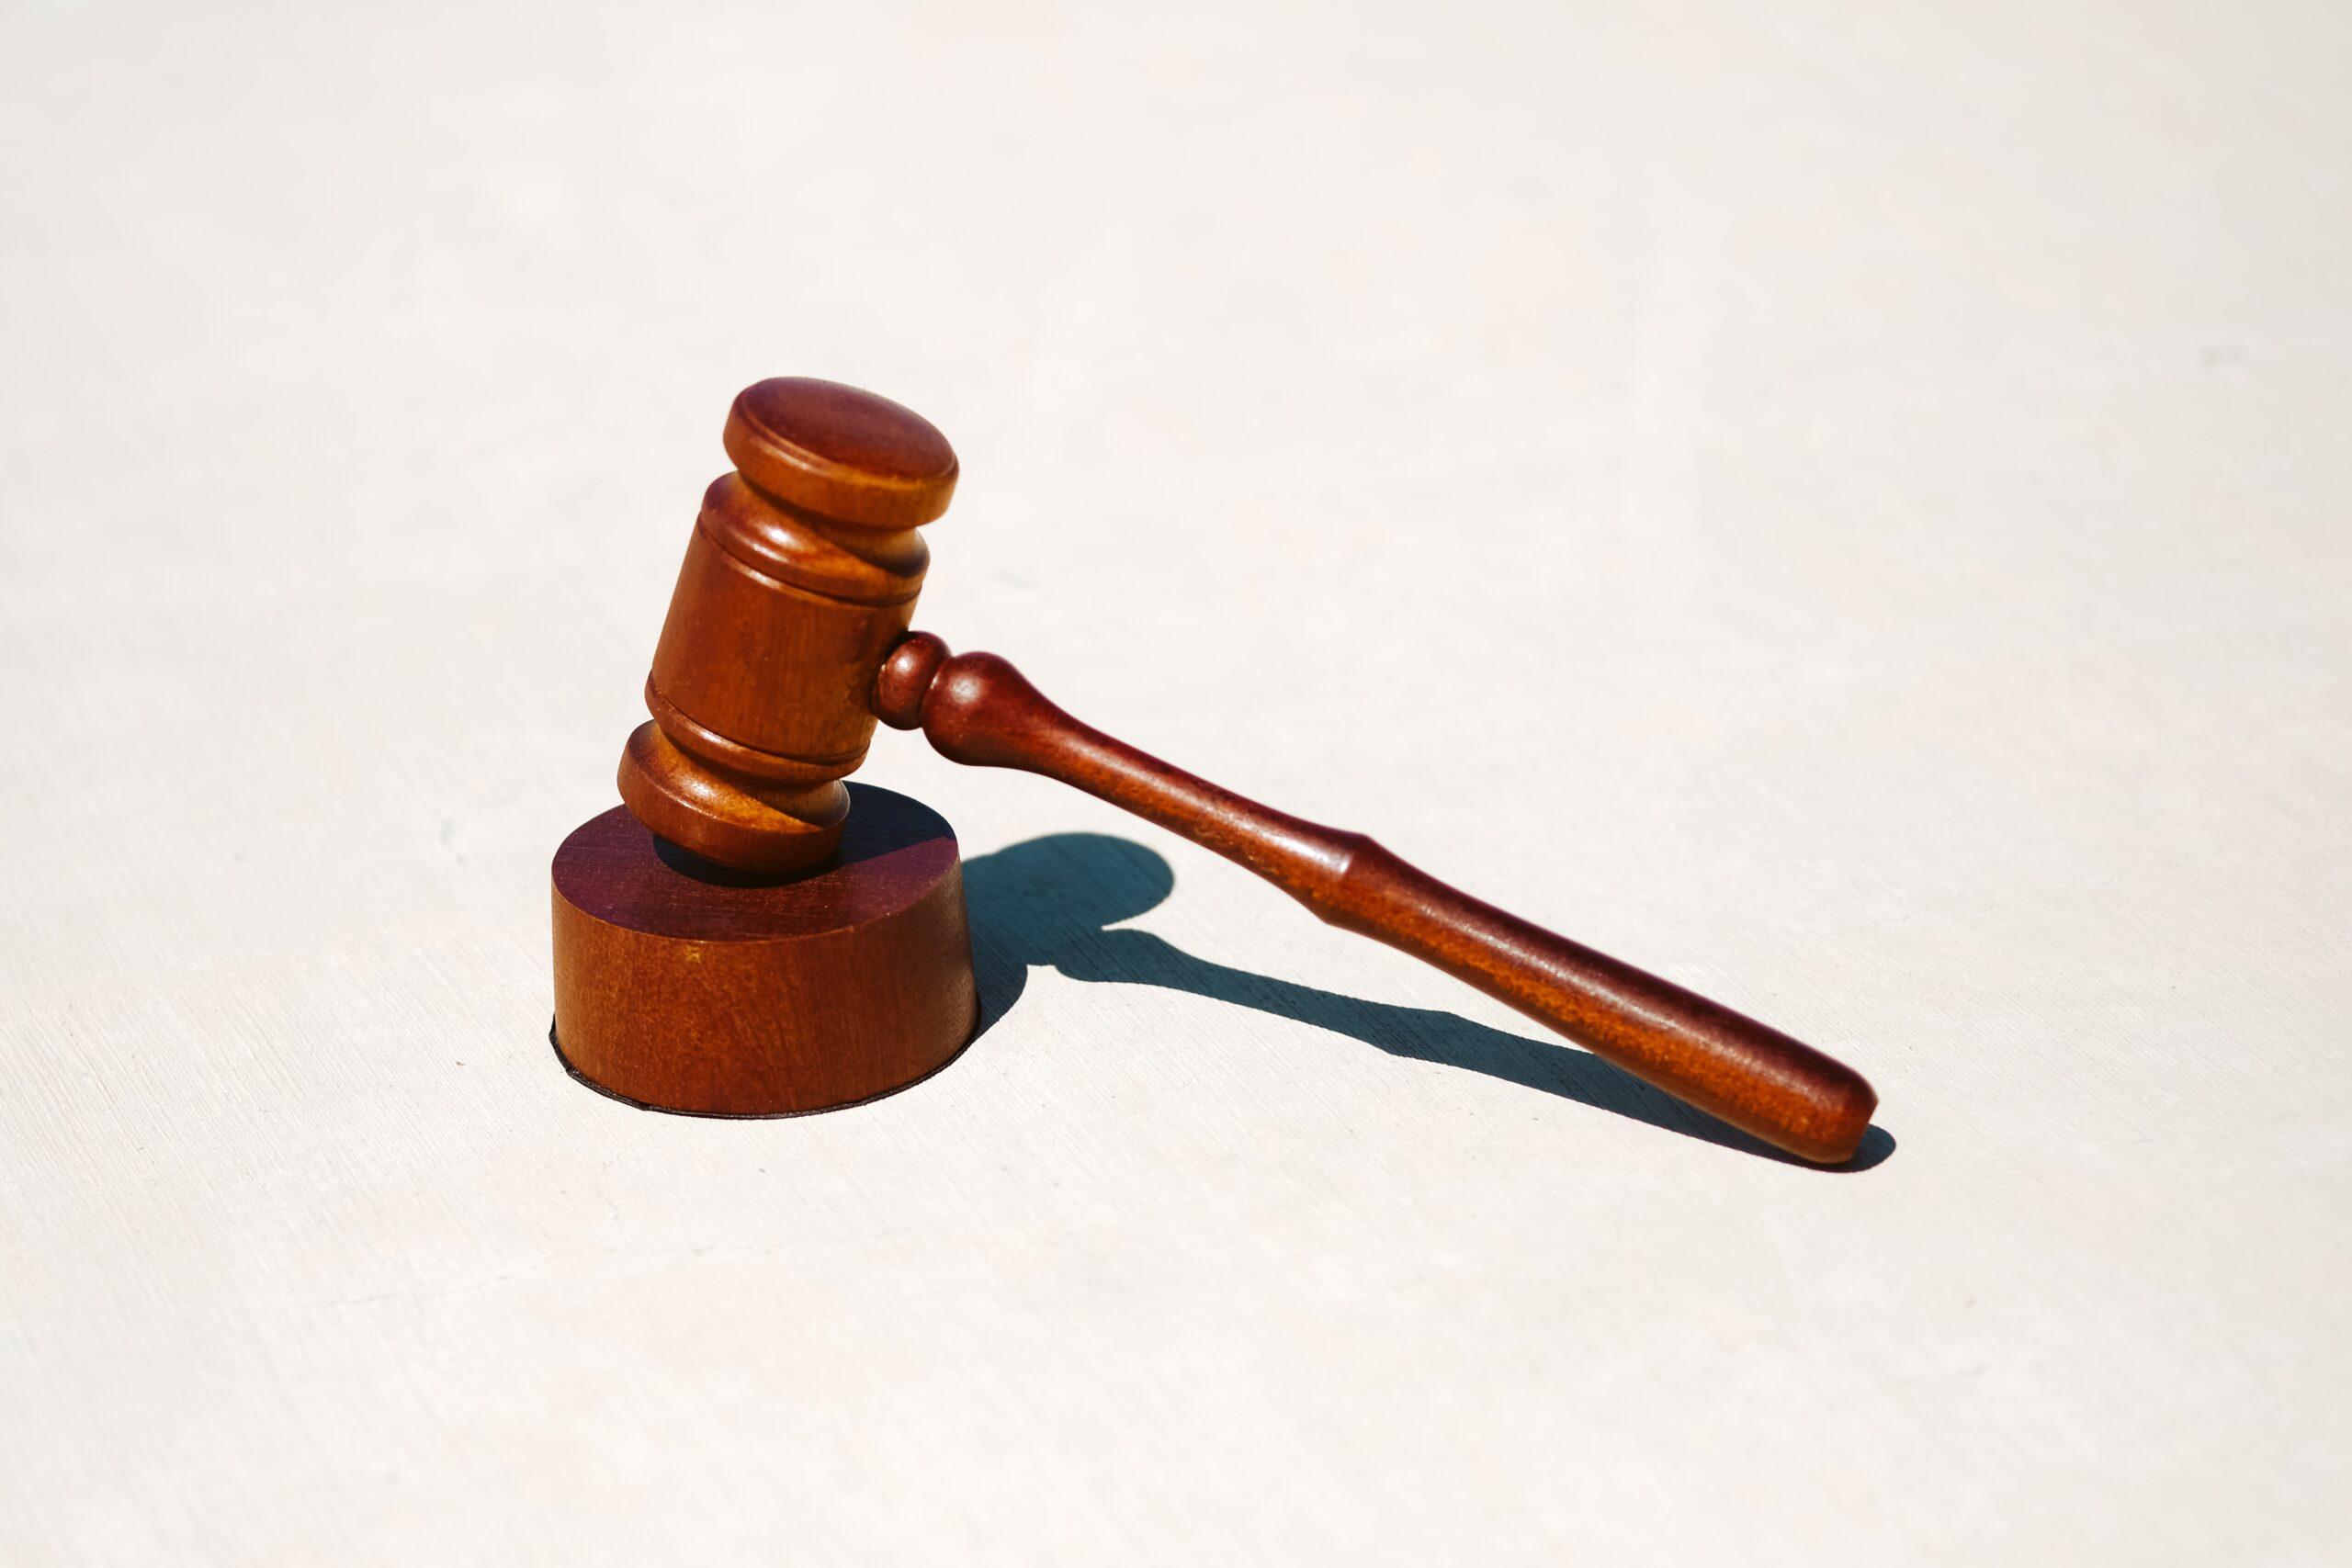 在留資格(ビザ)申請に関する法律違反について